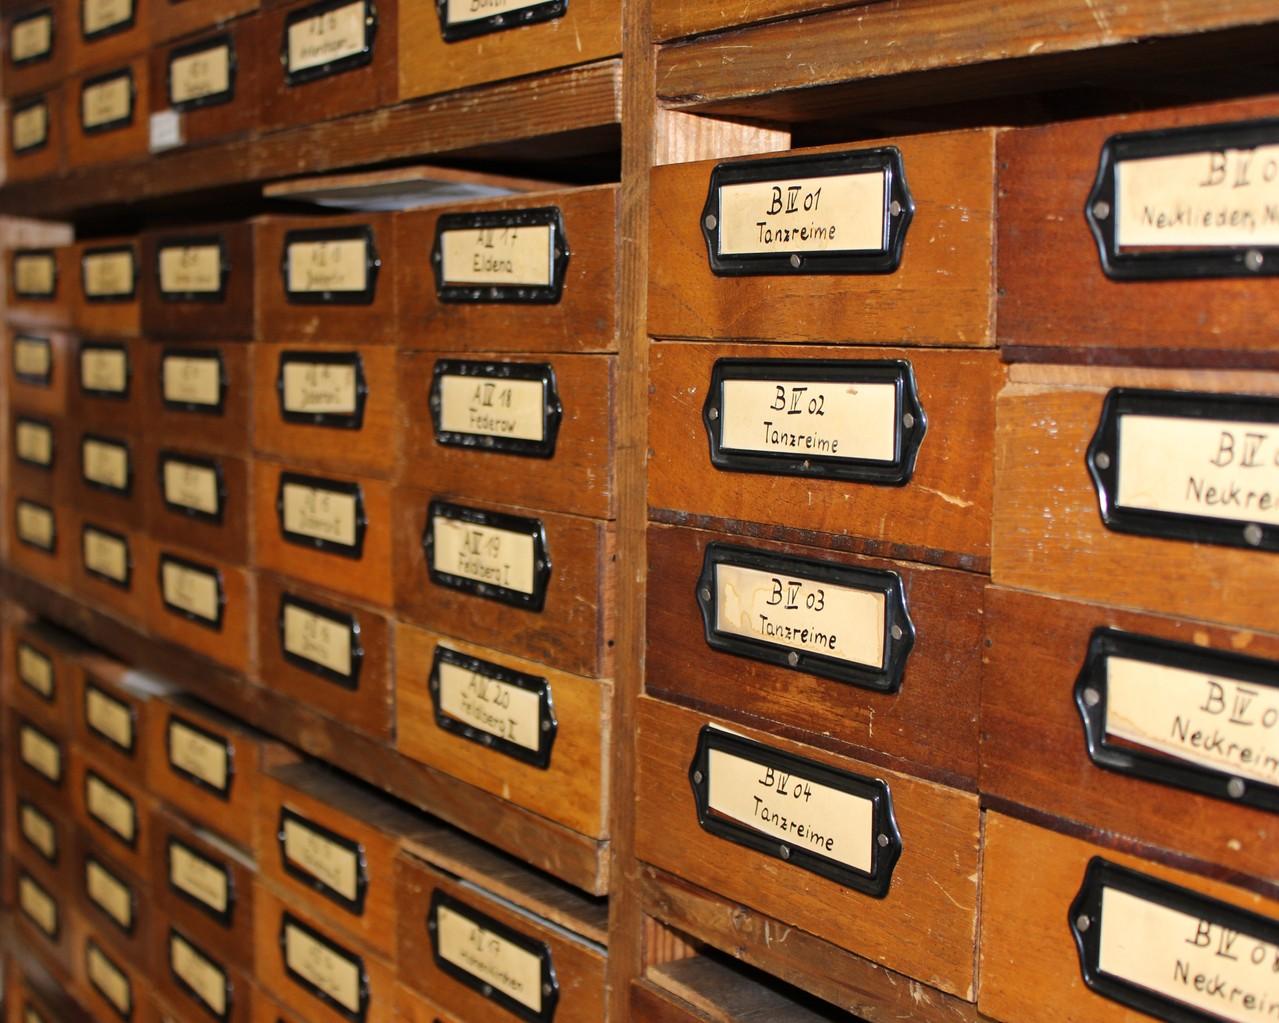 Richard Wossidlo legte seine Aufzeichnungen in Zettelkästen systematisch ab.